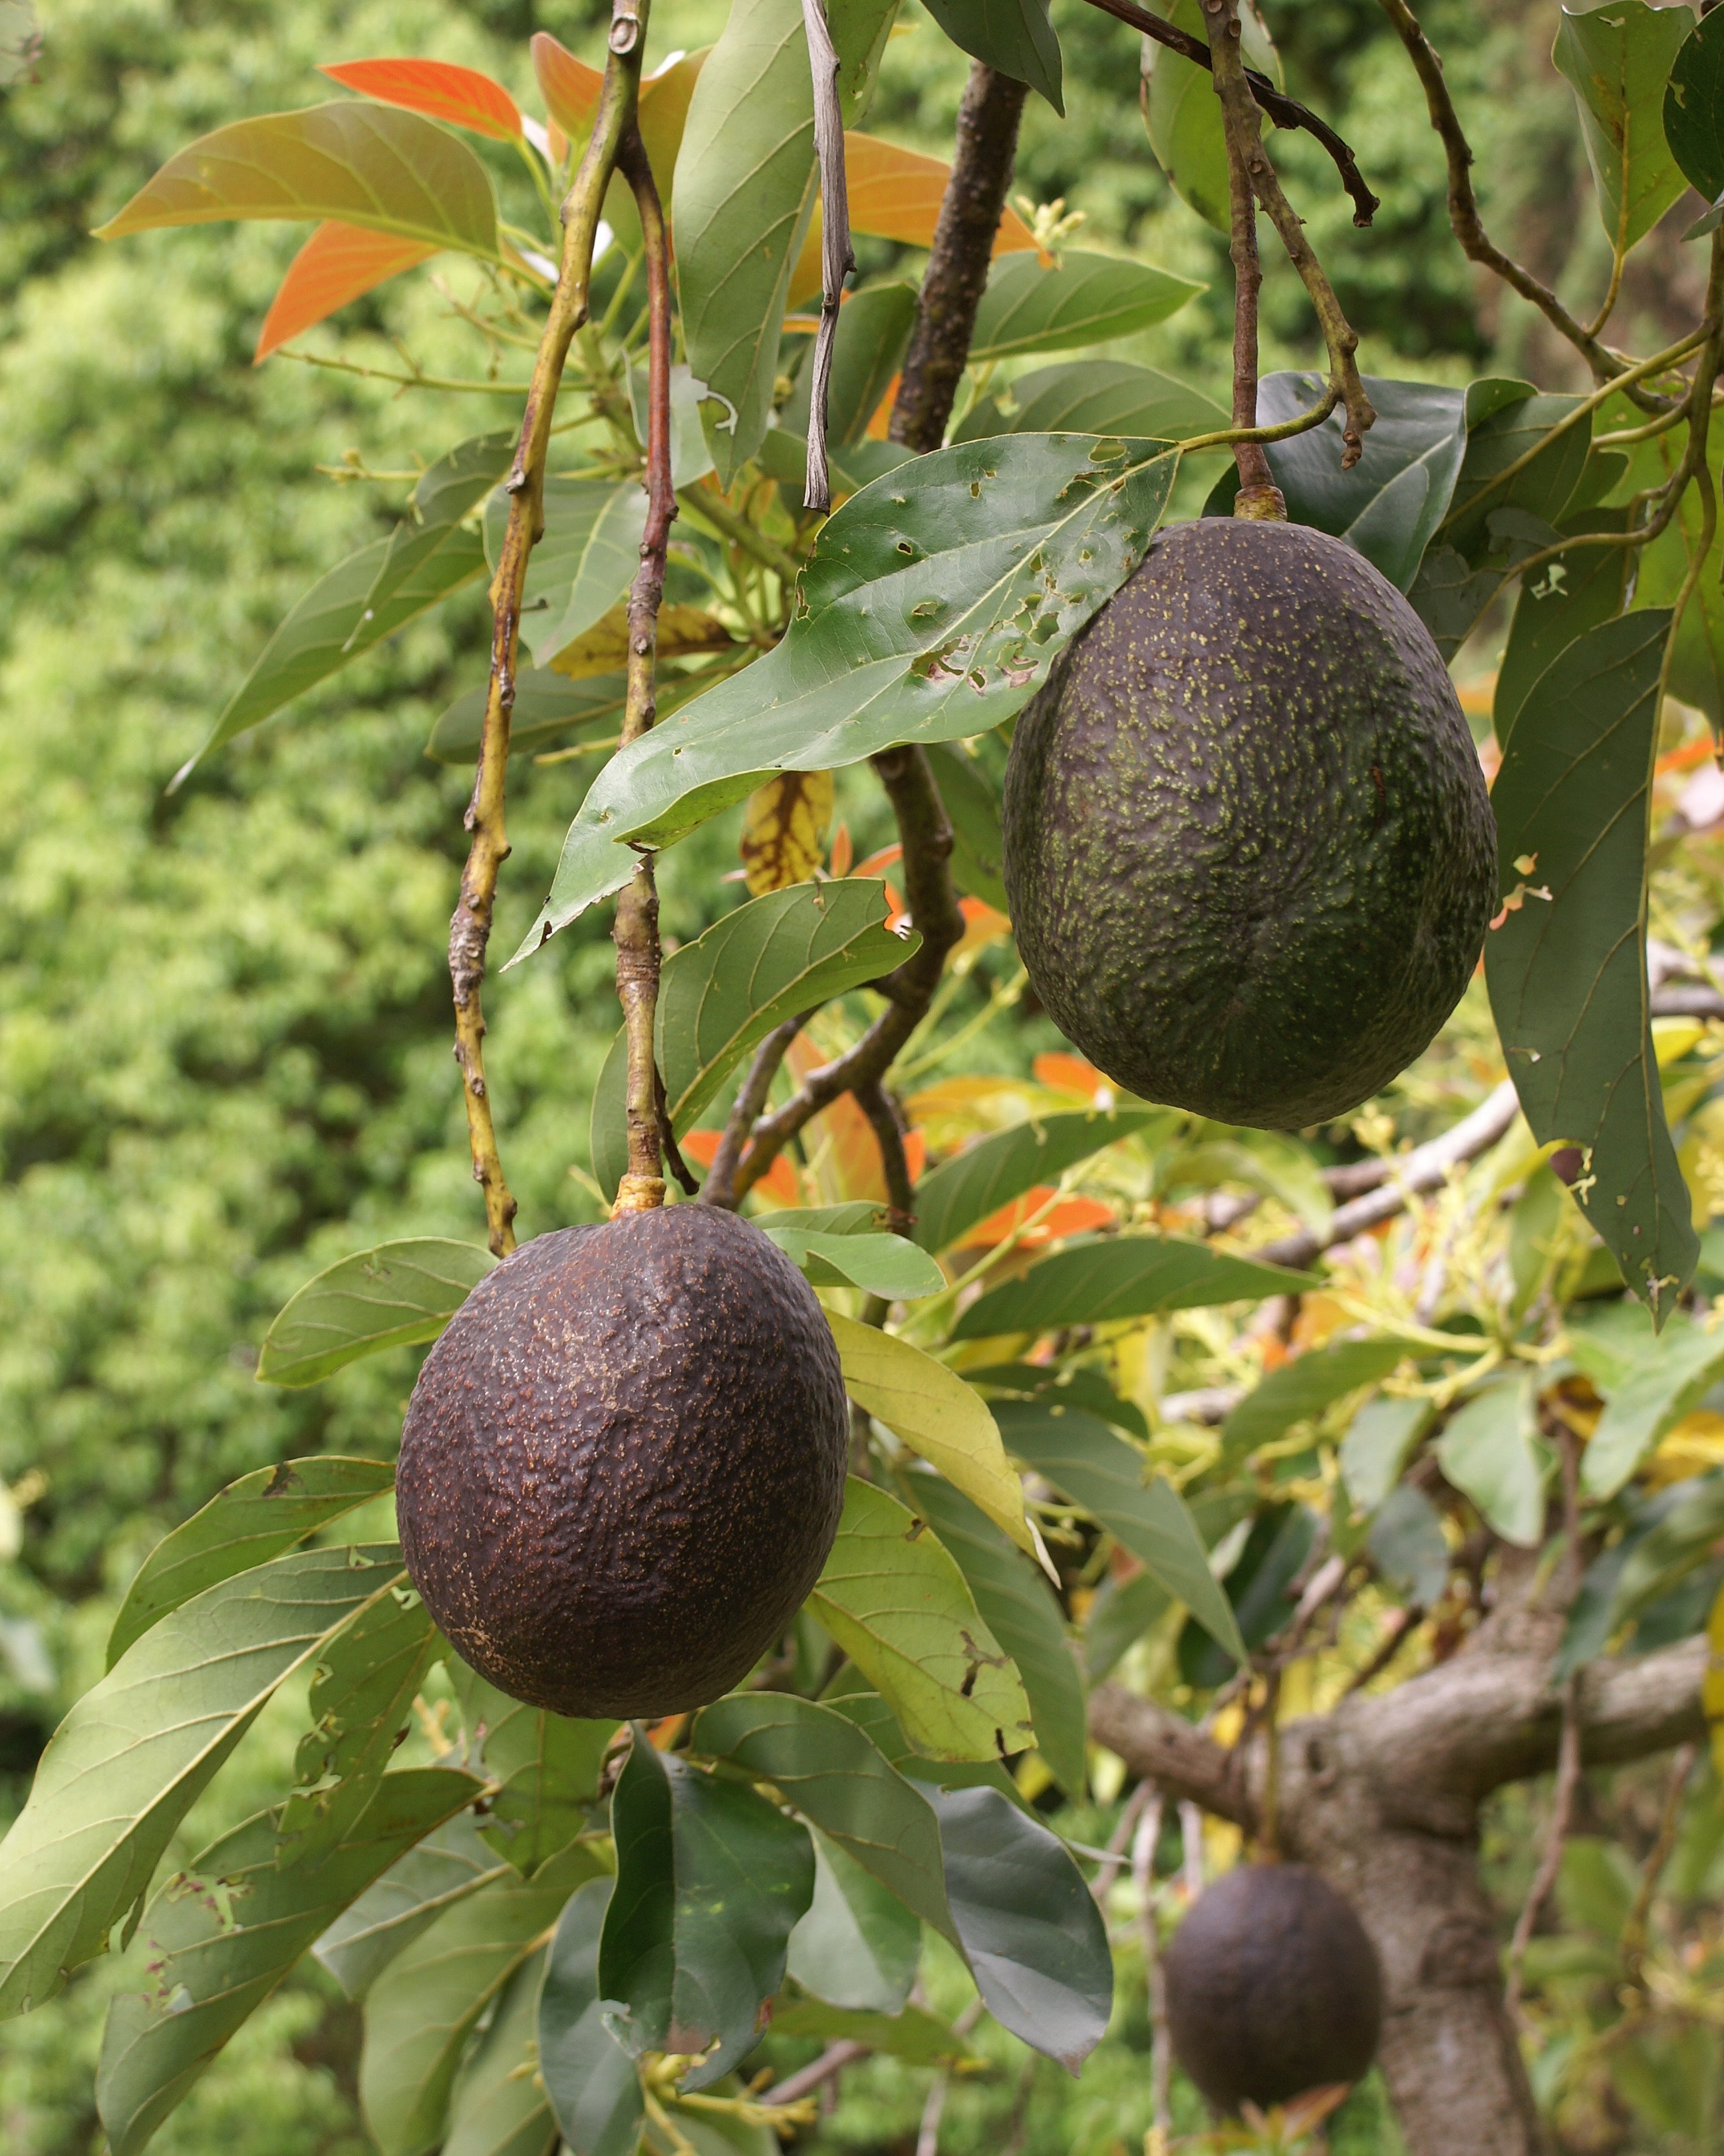 Fat in Avocado Fruit